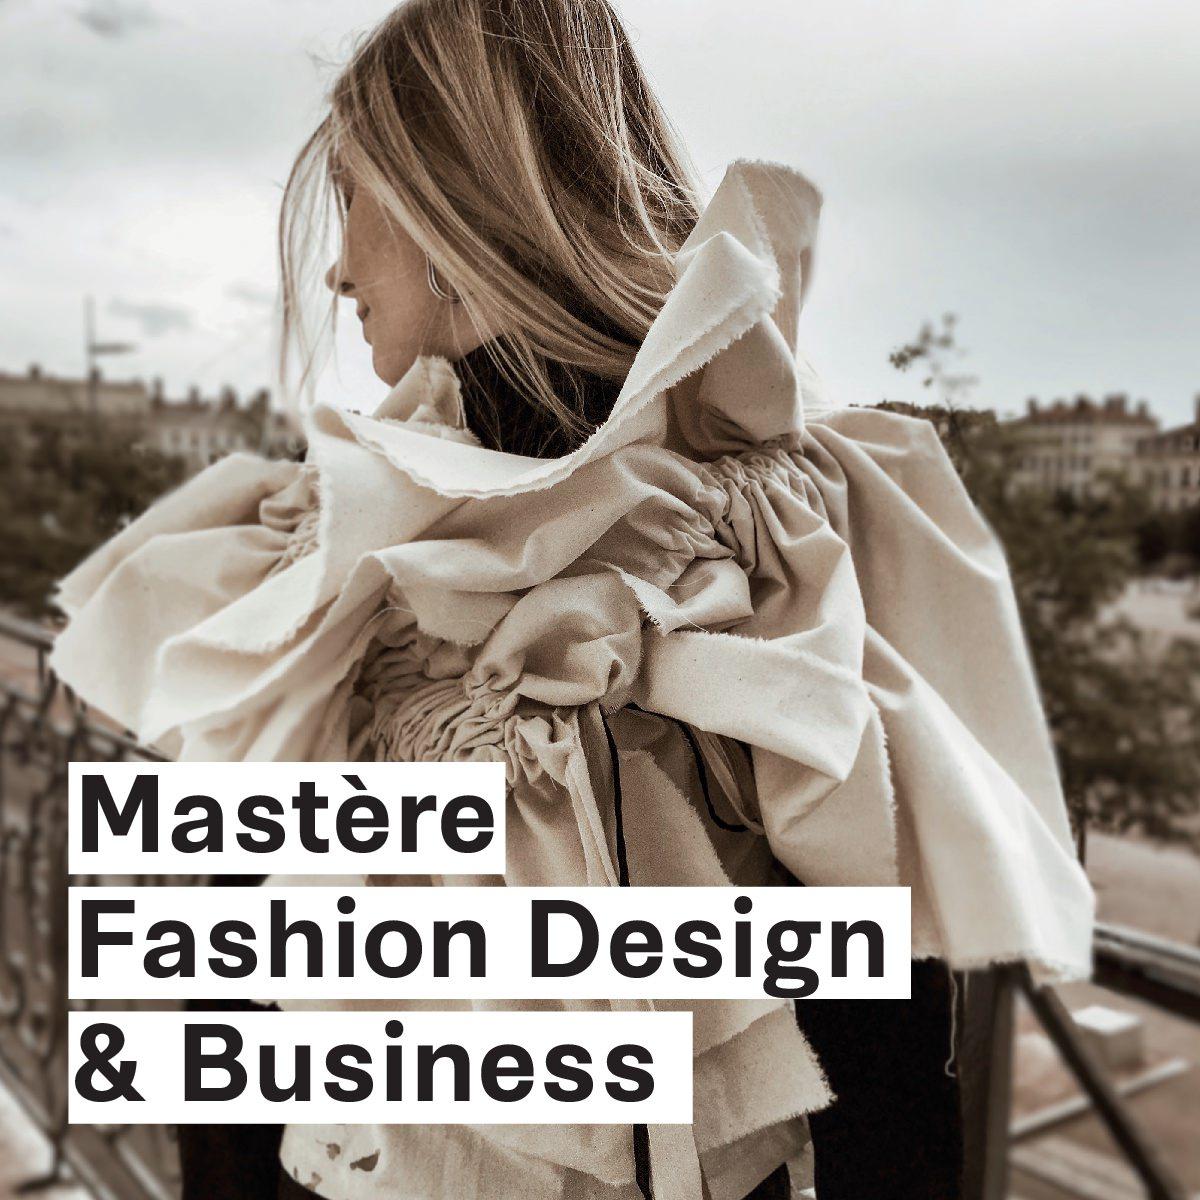 Bellecour ecole - Fashion Design